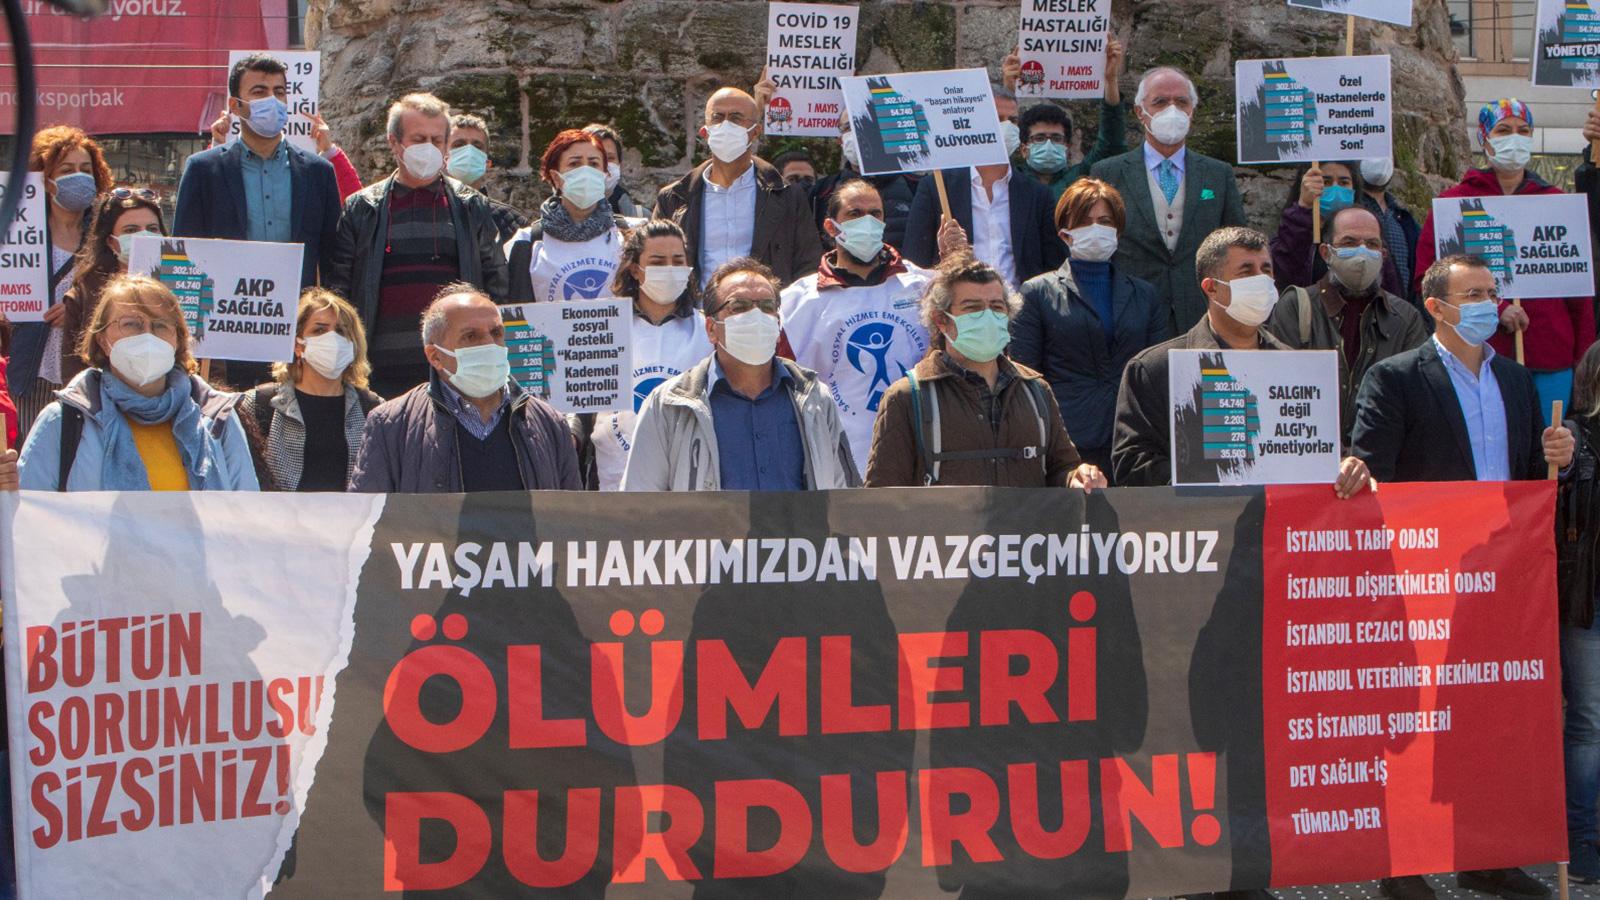 Sağlık Meslek Örgütlerinden Ortak Açıklama: Ölümleri Durdurun!